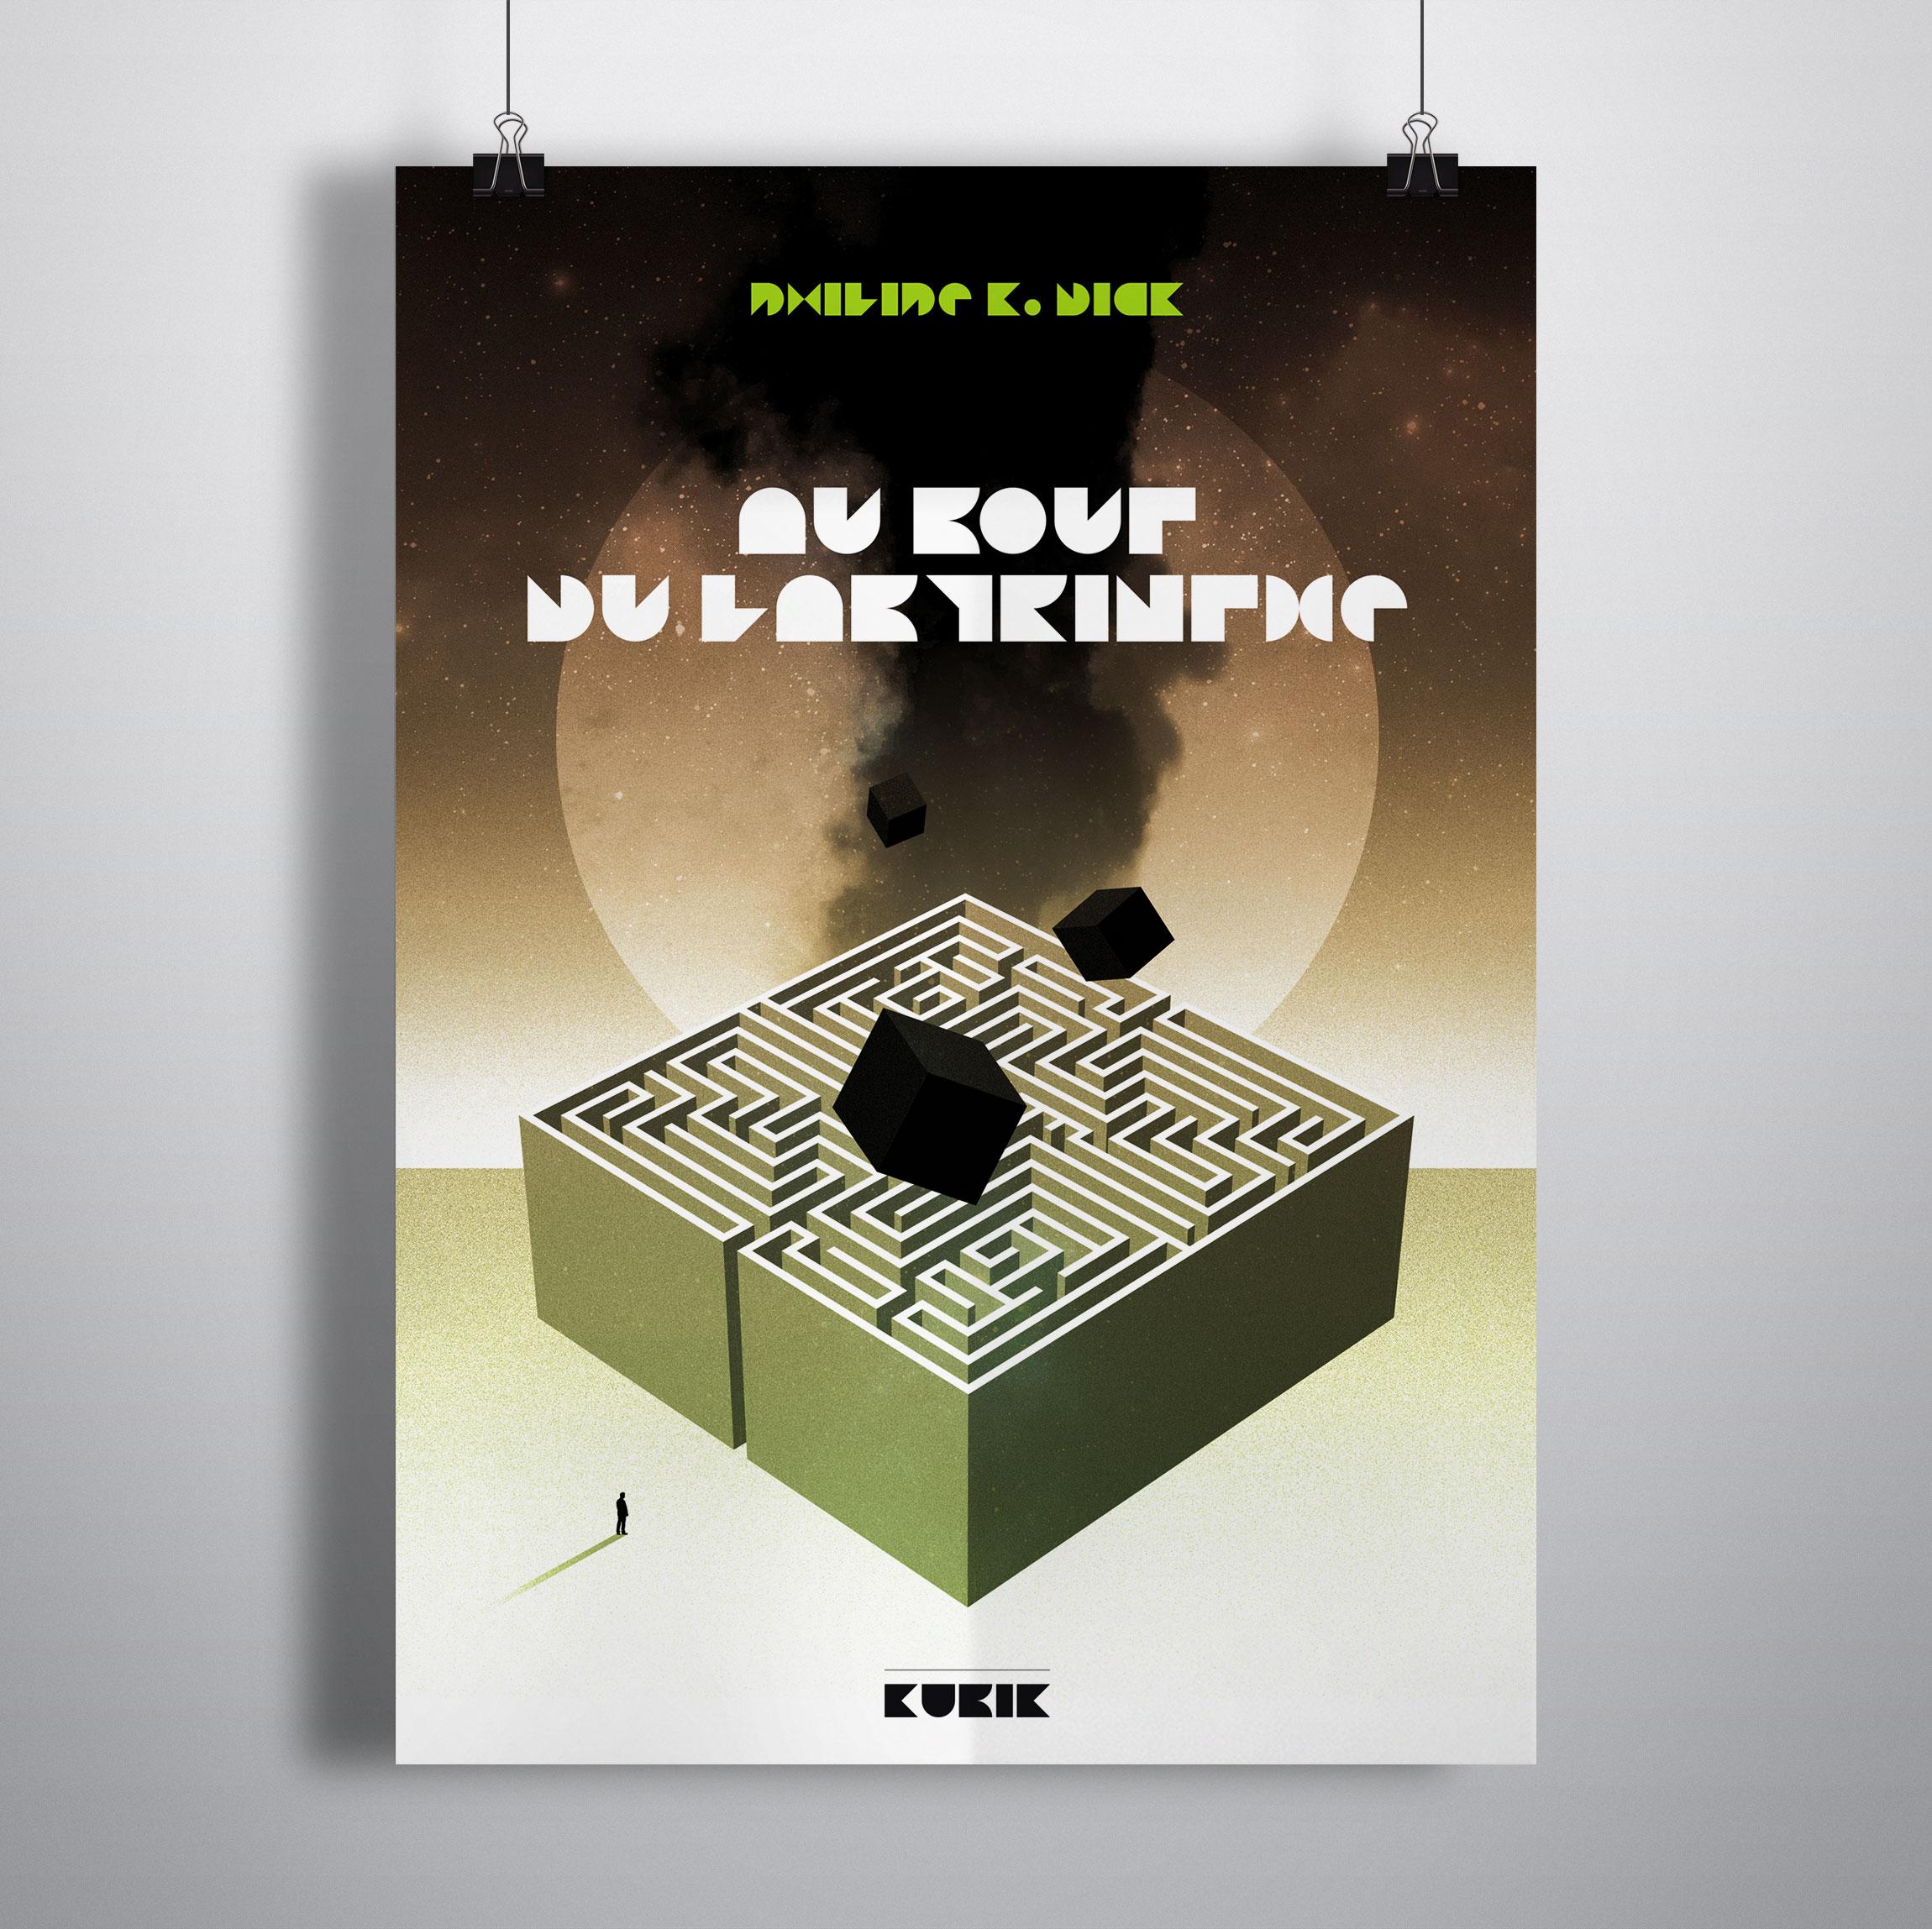 Création affiche AU BOUT DU LABYRINTHE de Philipe K.Dick pour KUBIK